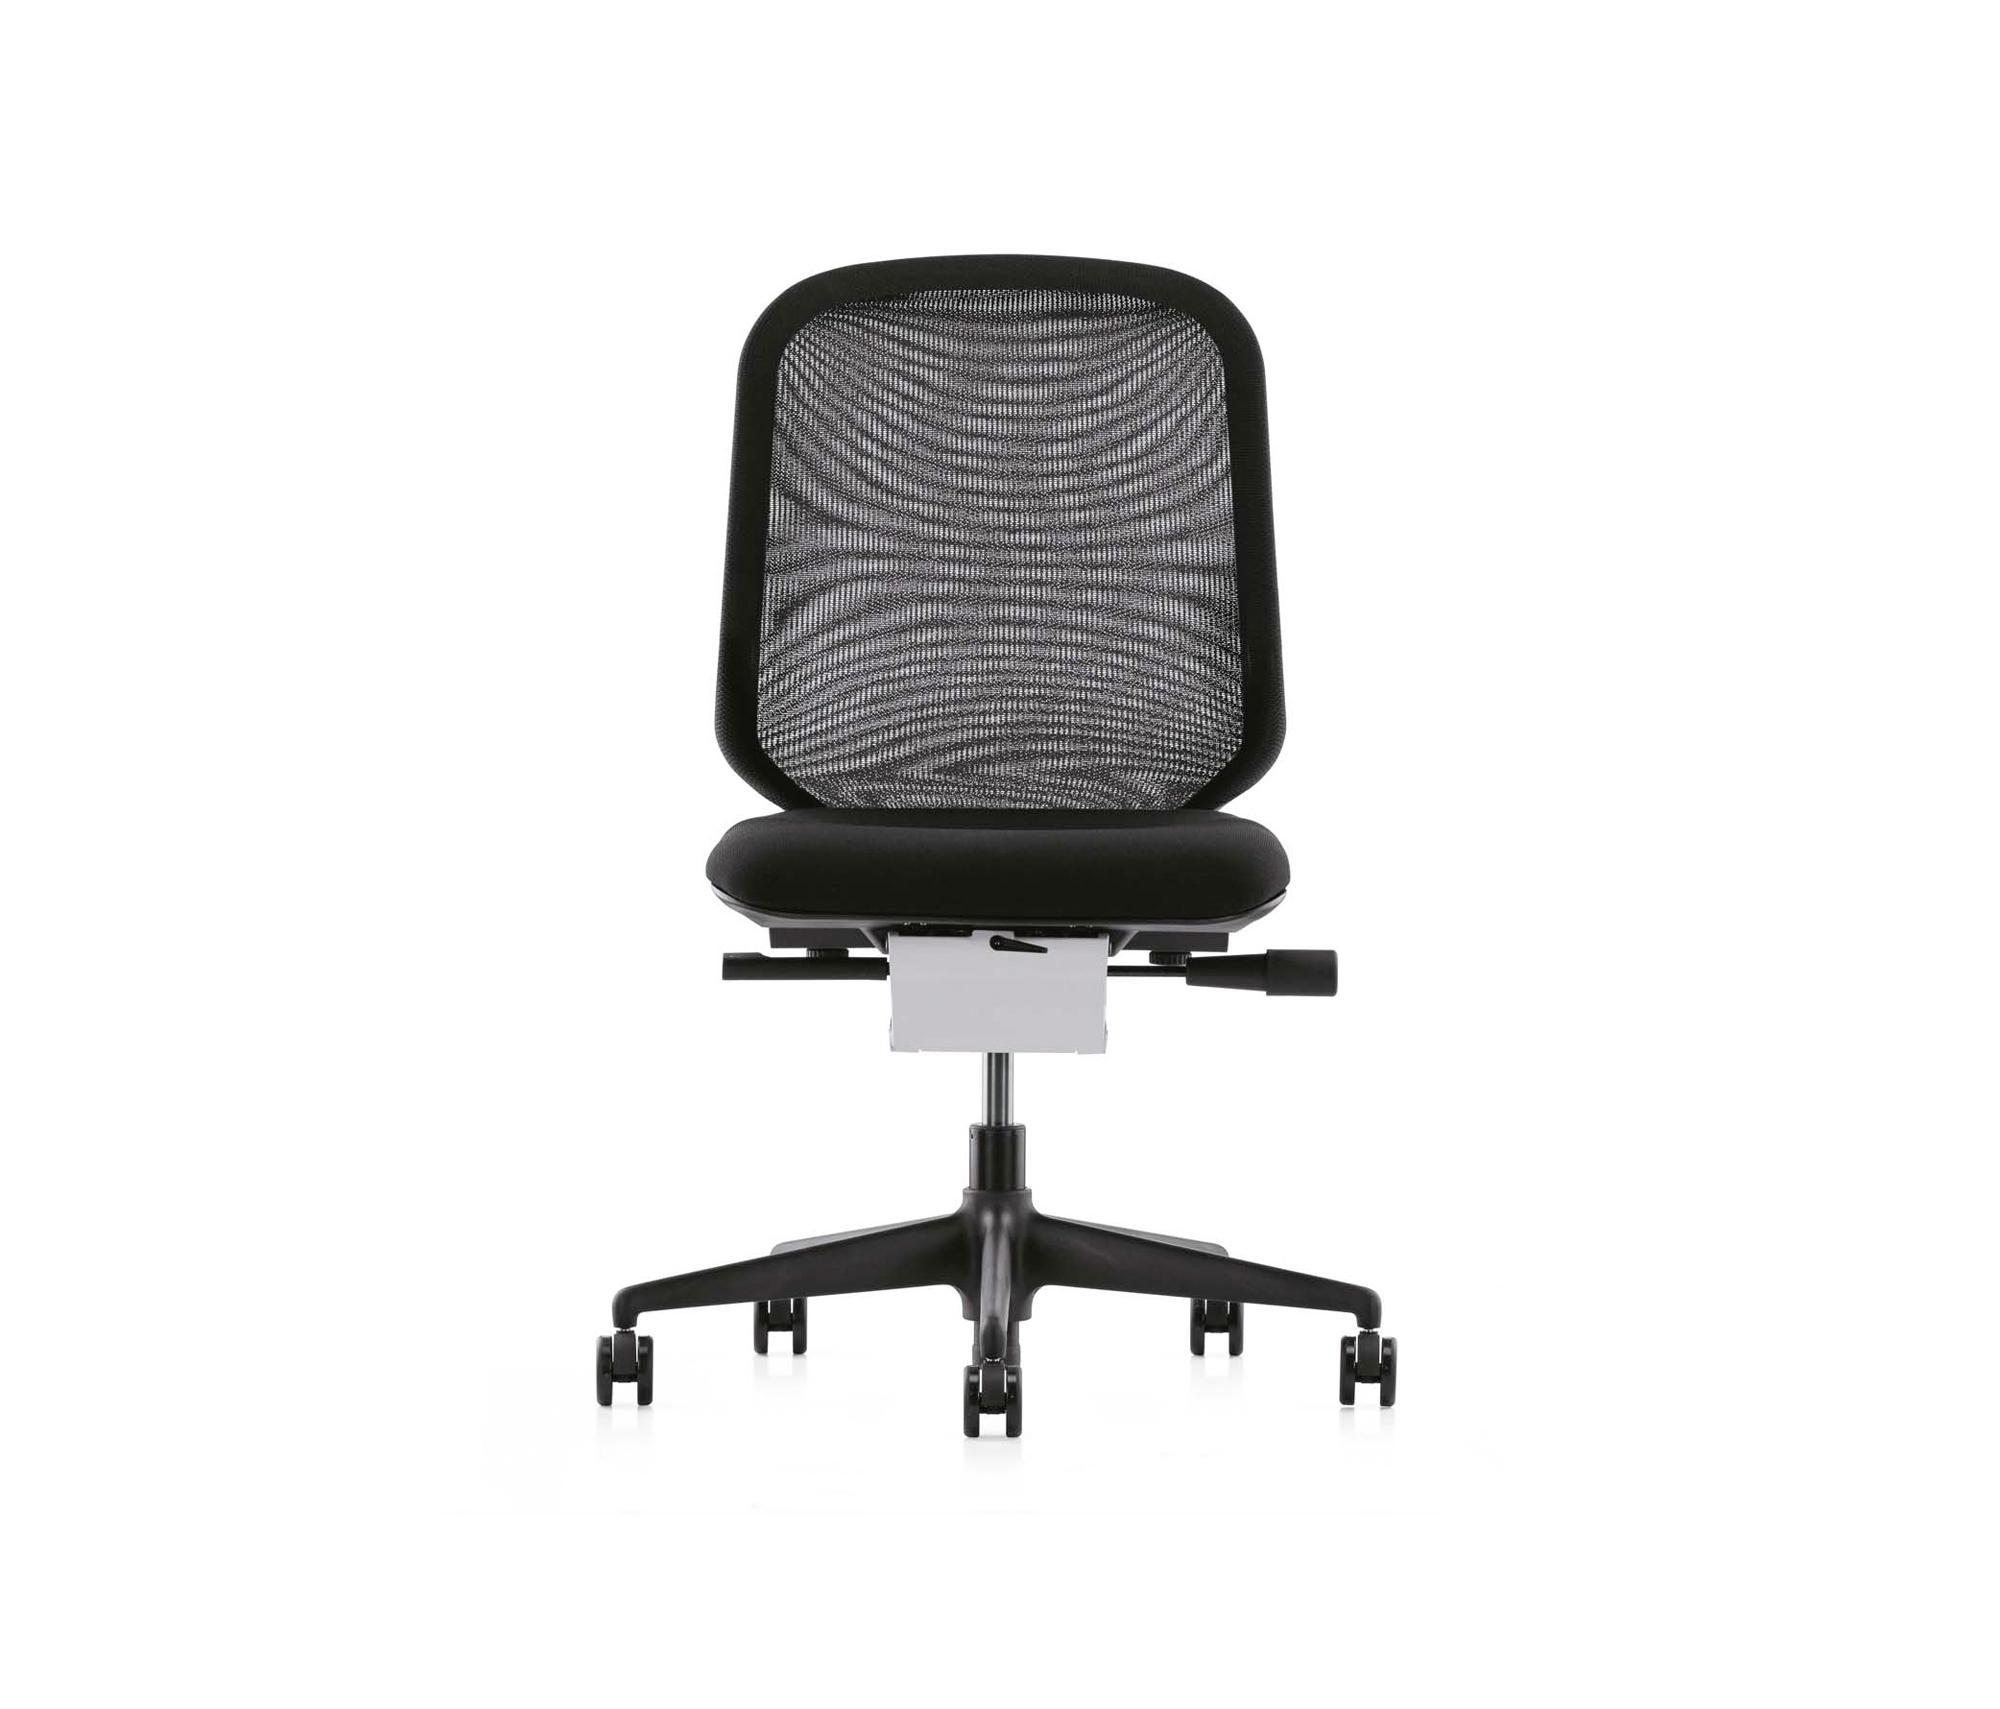 Medapal sillas de oficina de vitra architonic - Sillas vitra precios ...